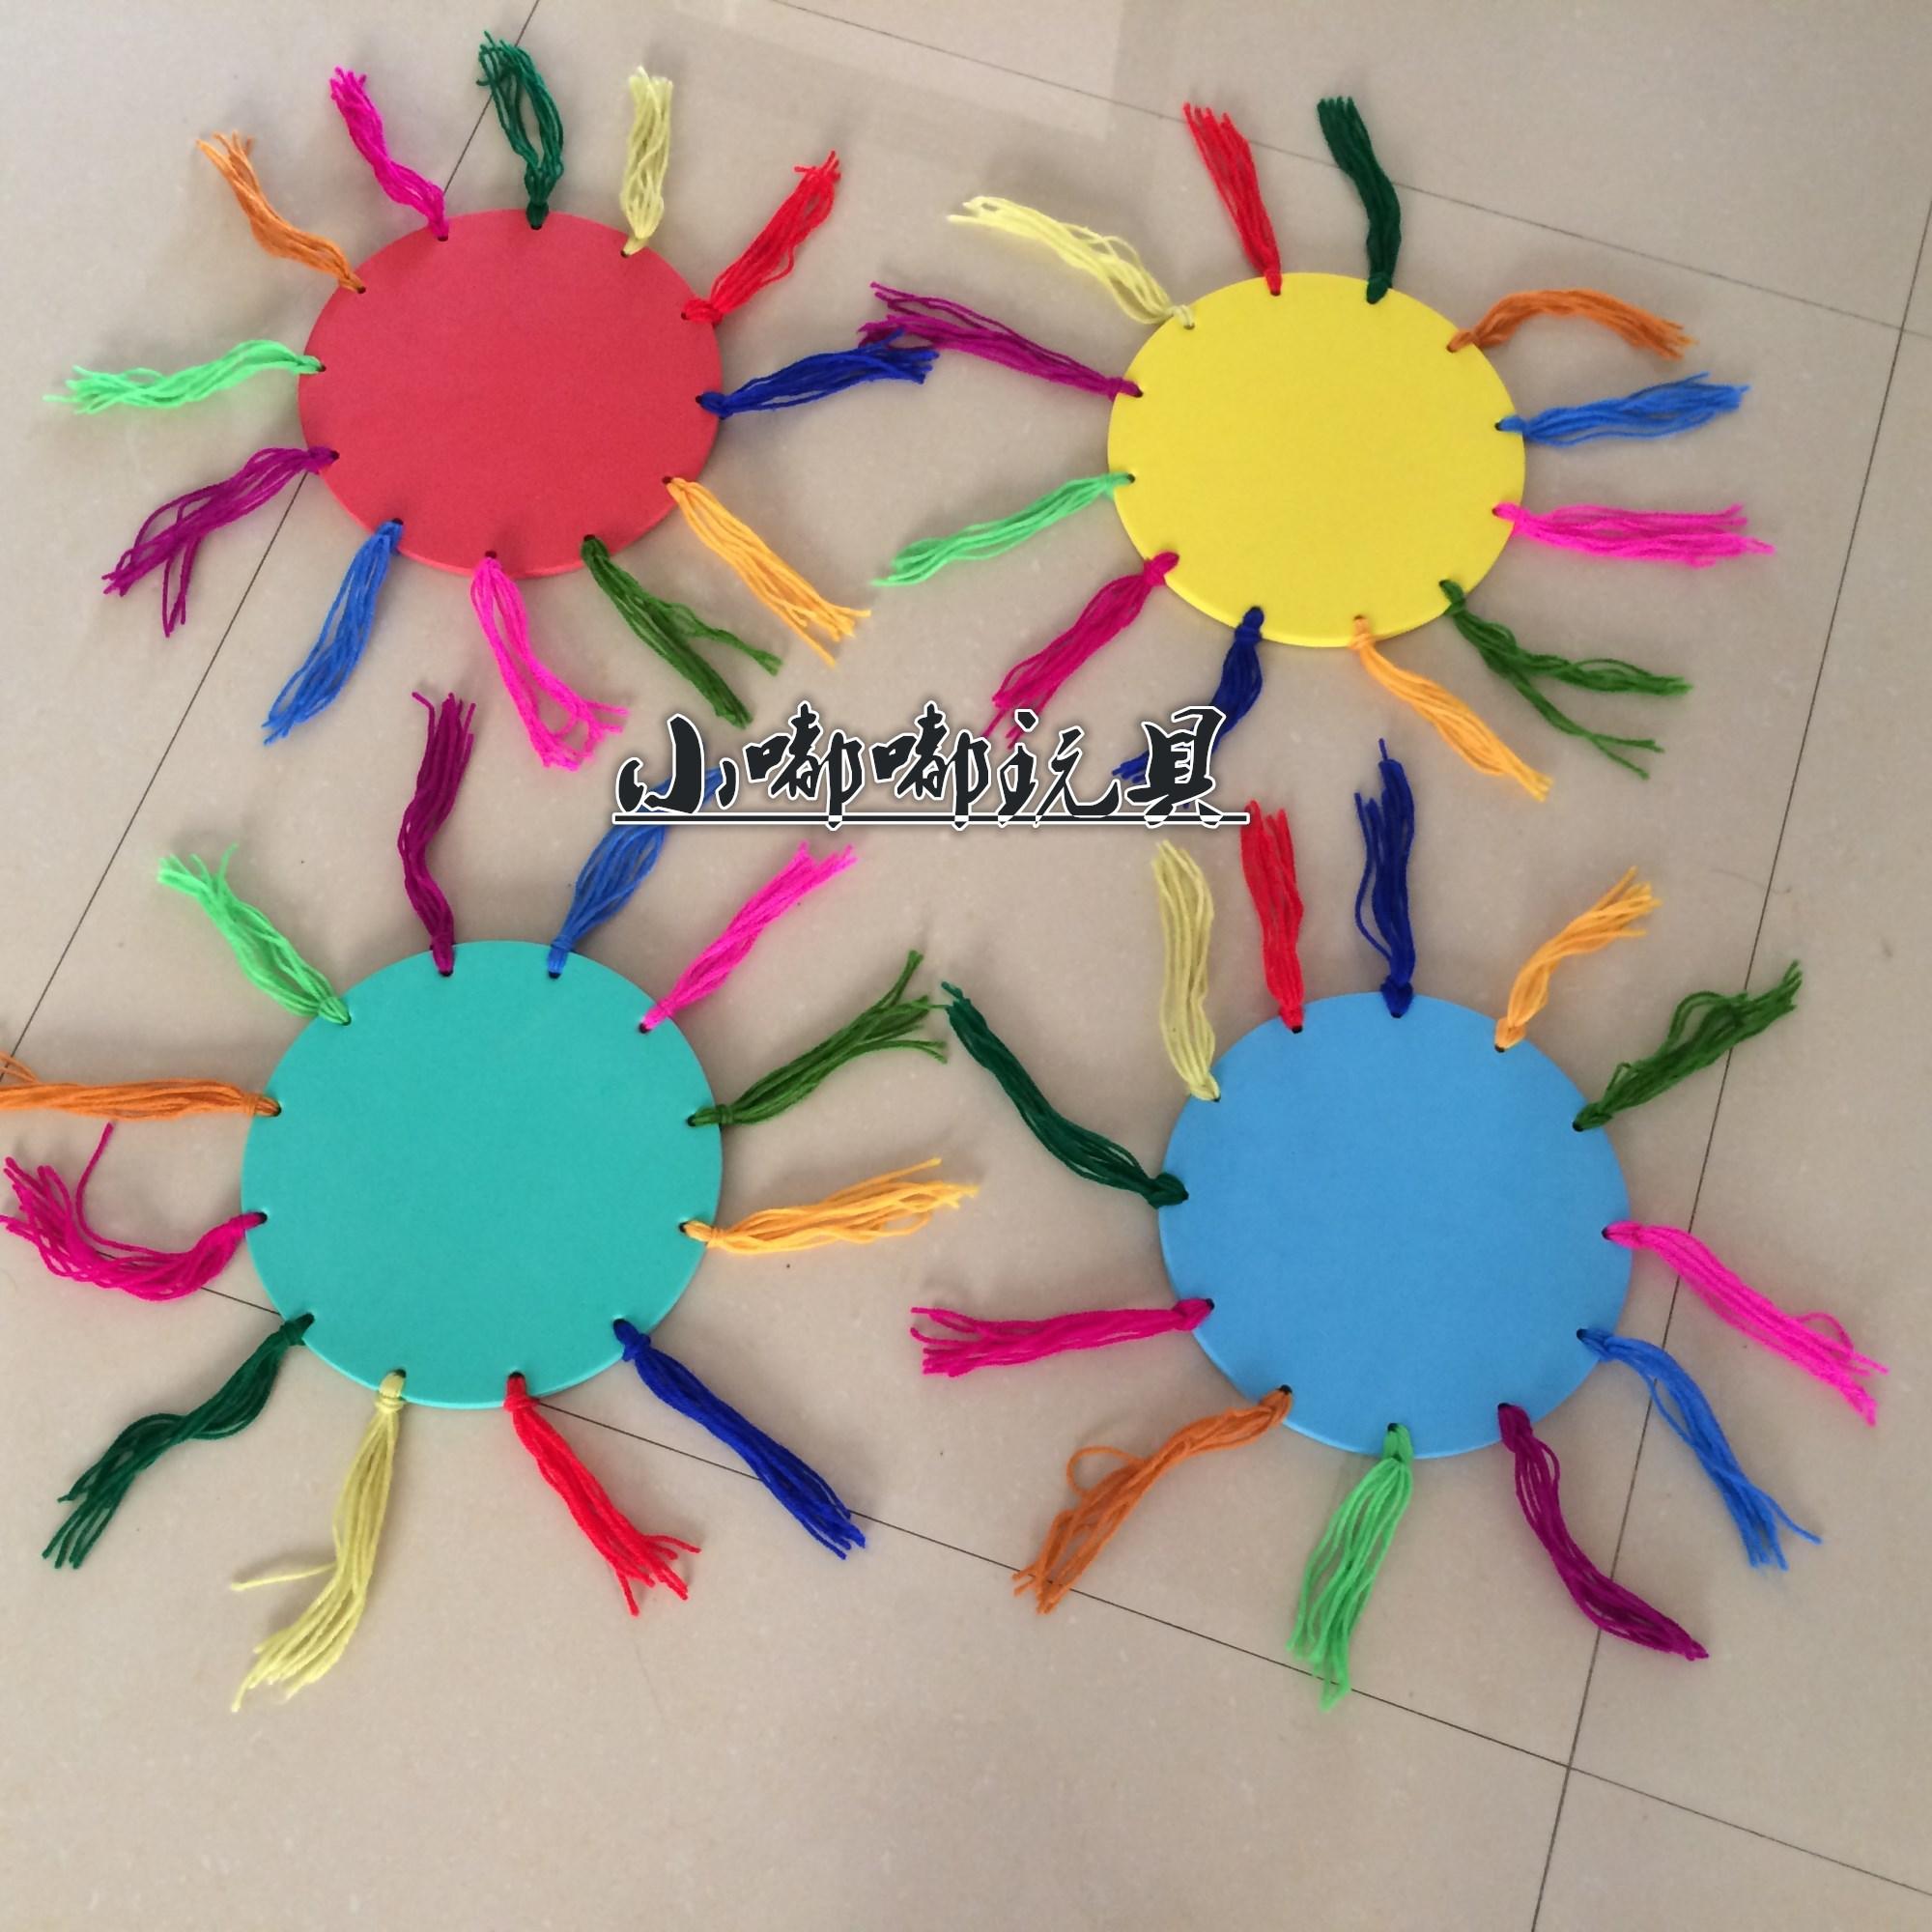 儿童毛线纸板飞盘 幼儿园diy手工泡沫飞盘 飞碟游戏安全玩具户外图片